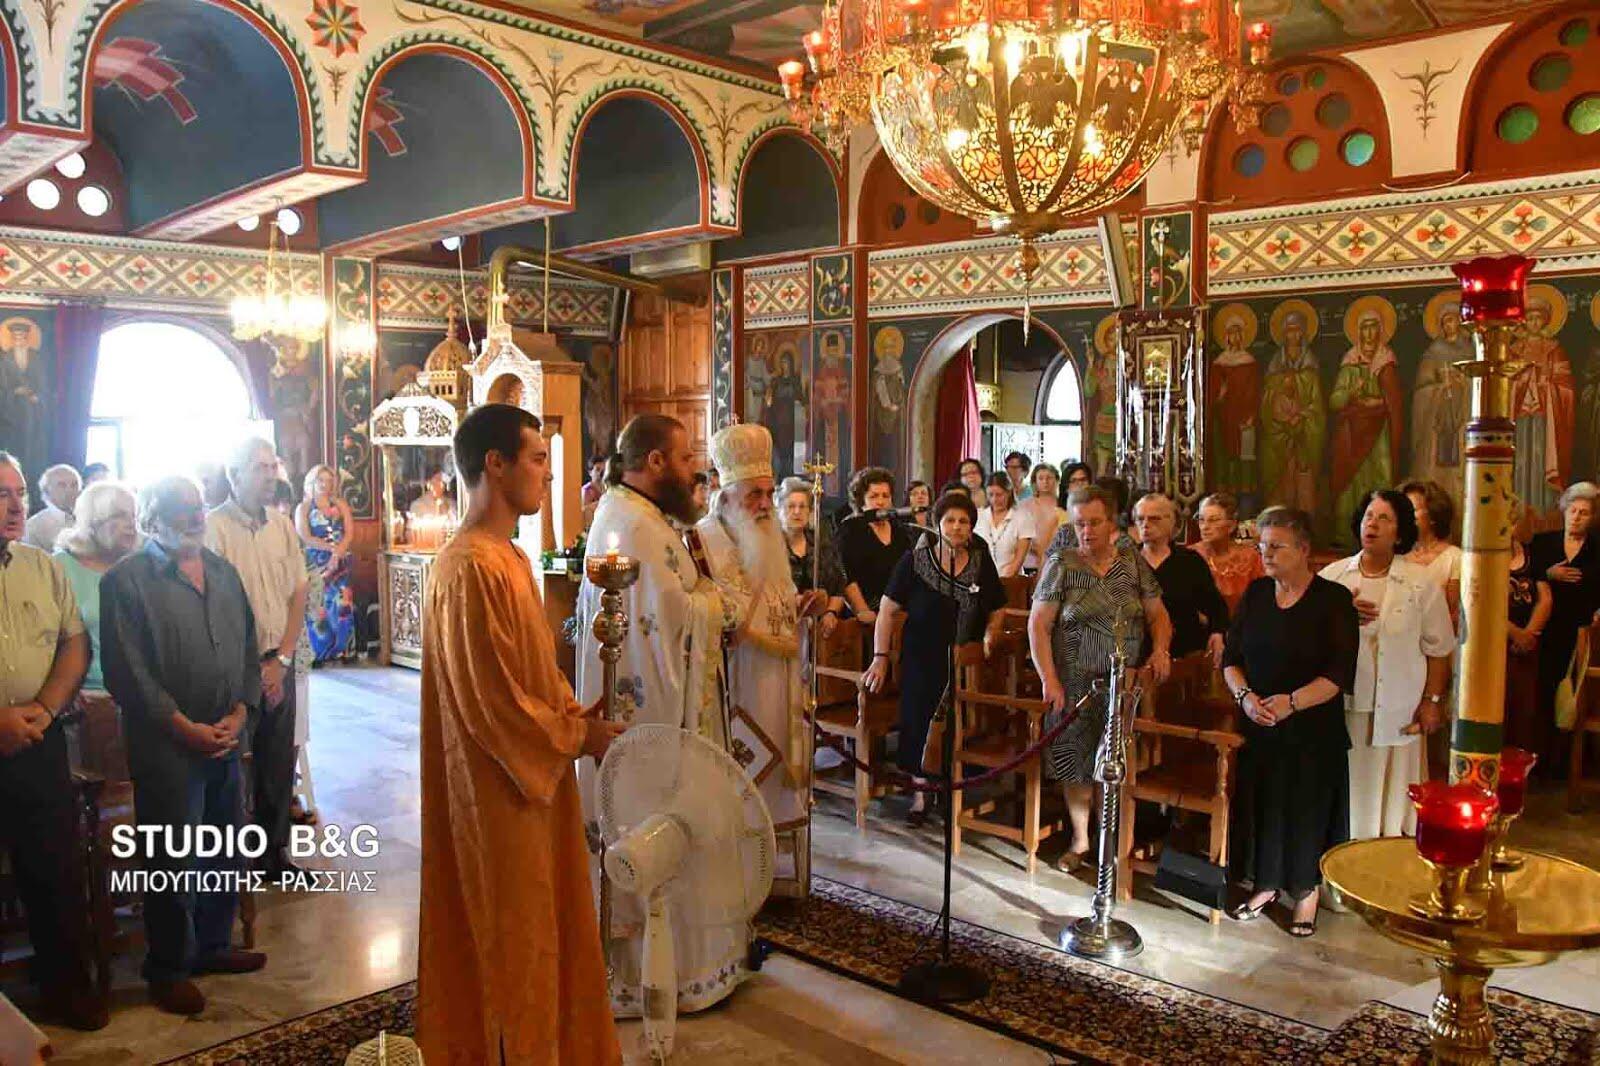 Μητρόπολη Αργολίδος: Ανακομιδή των Ιερών λειψάνων του Αγίου Νεκταρίου